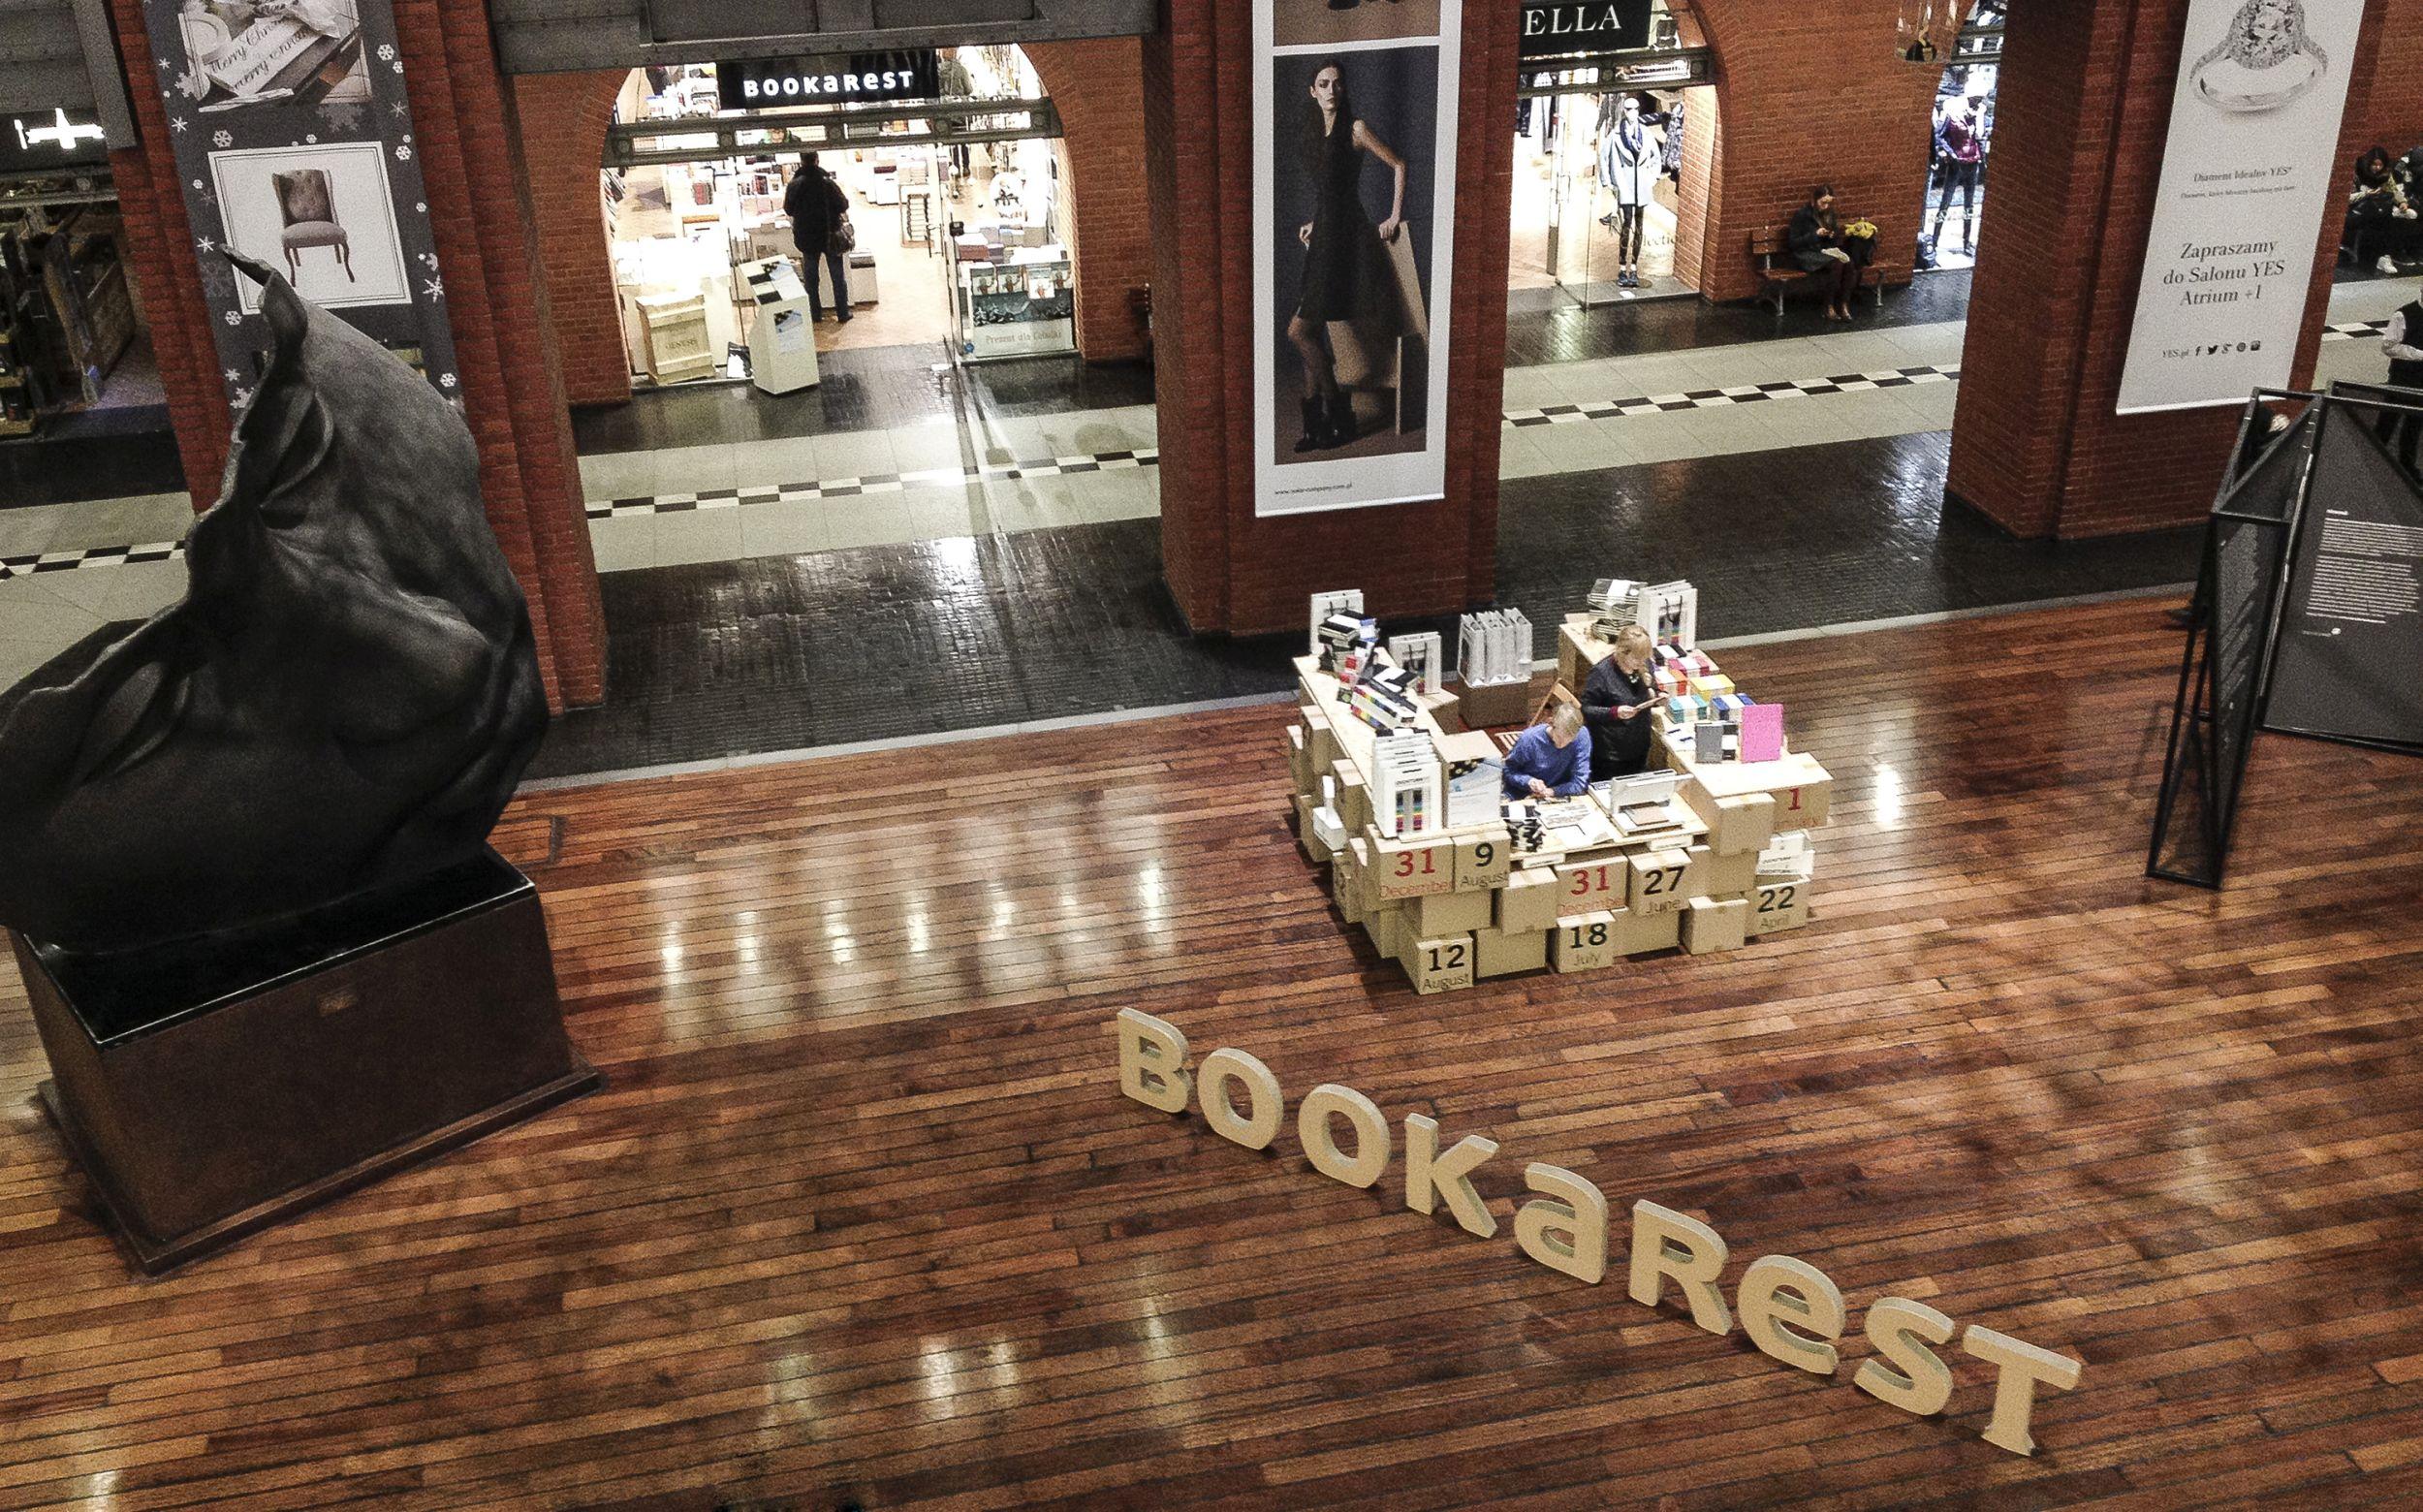 Bookarest (fot. materiały promocyjne)